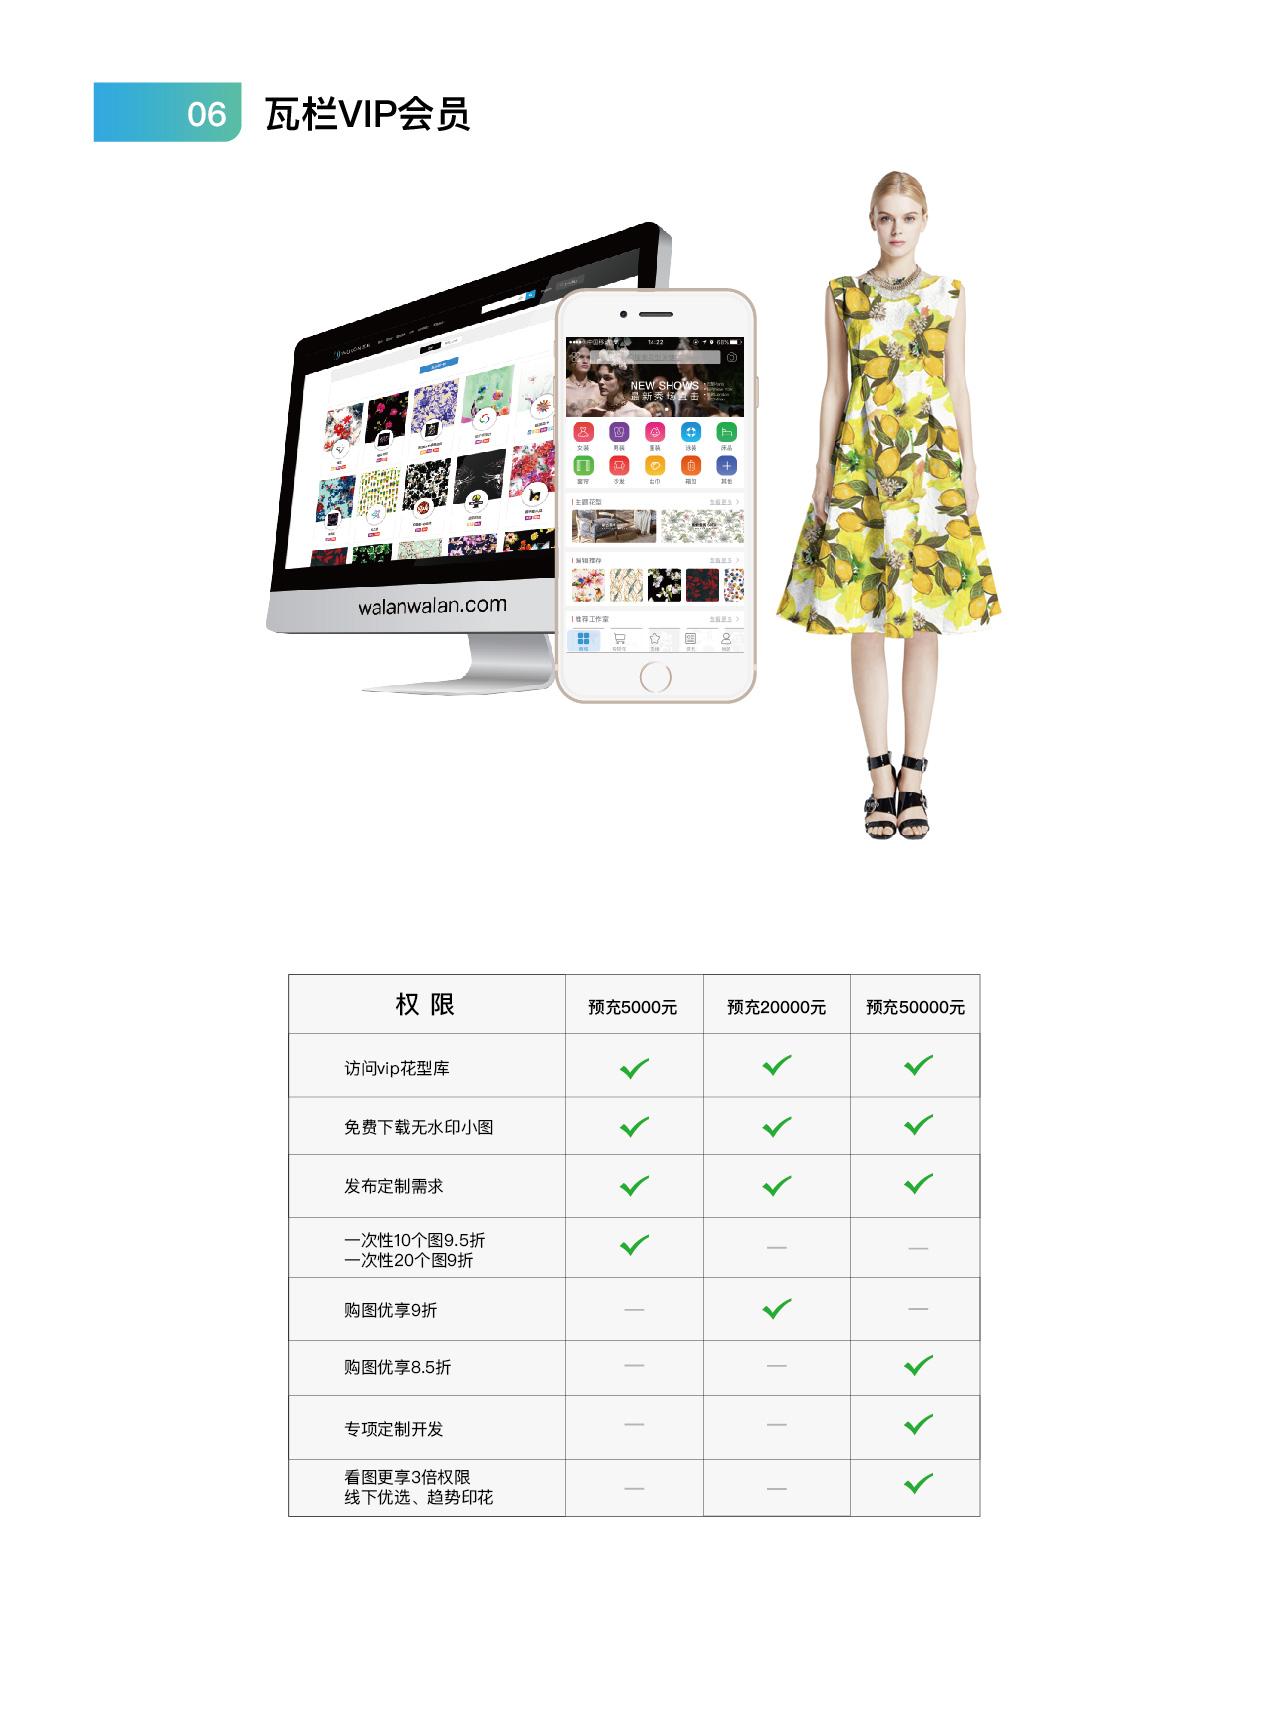 2018年新瓦栏综合手册最新-14.jpg